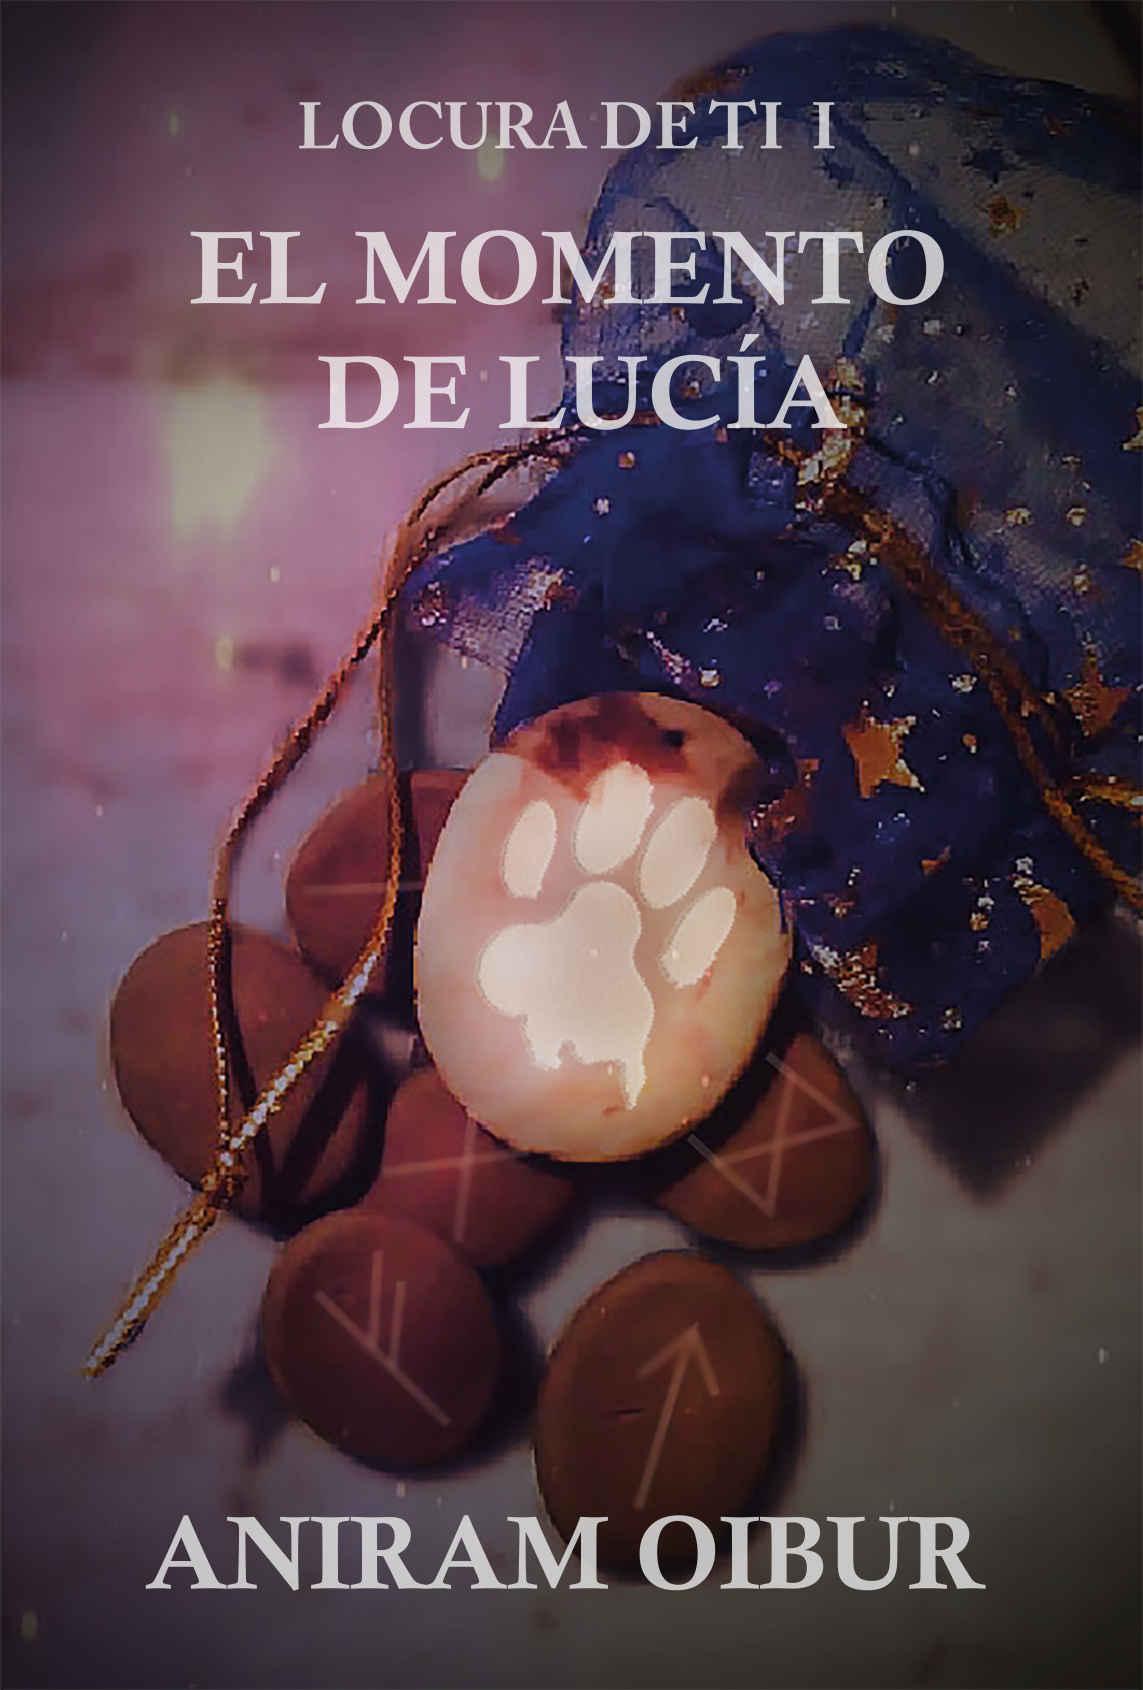 El momento de Lucía (Locura de ti nº 1) de Aniram Oibur